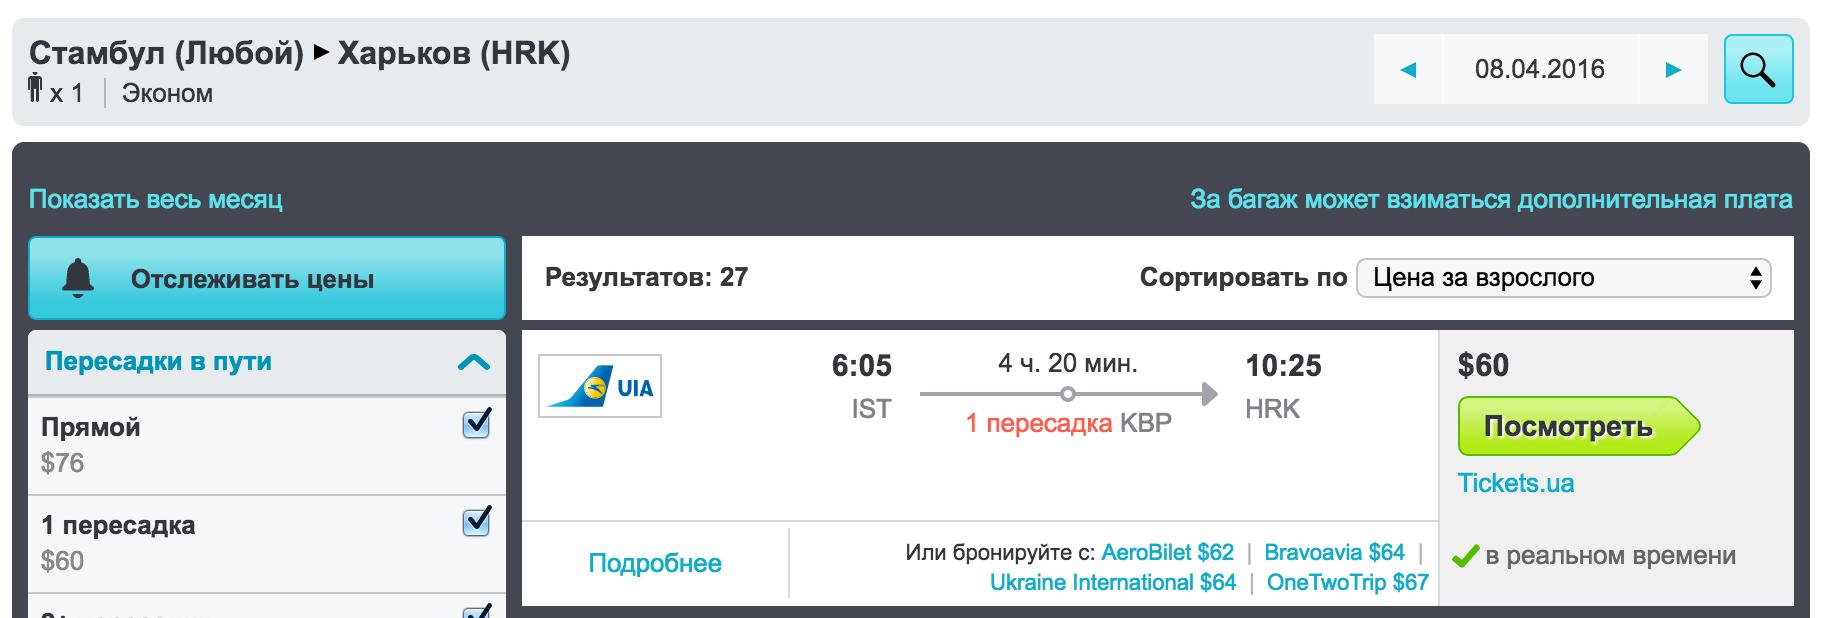 Один билет на самолет туда куда мне совсем не надо как выглядит билет на самолет фото норд авиа